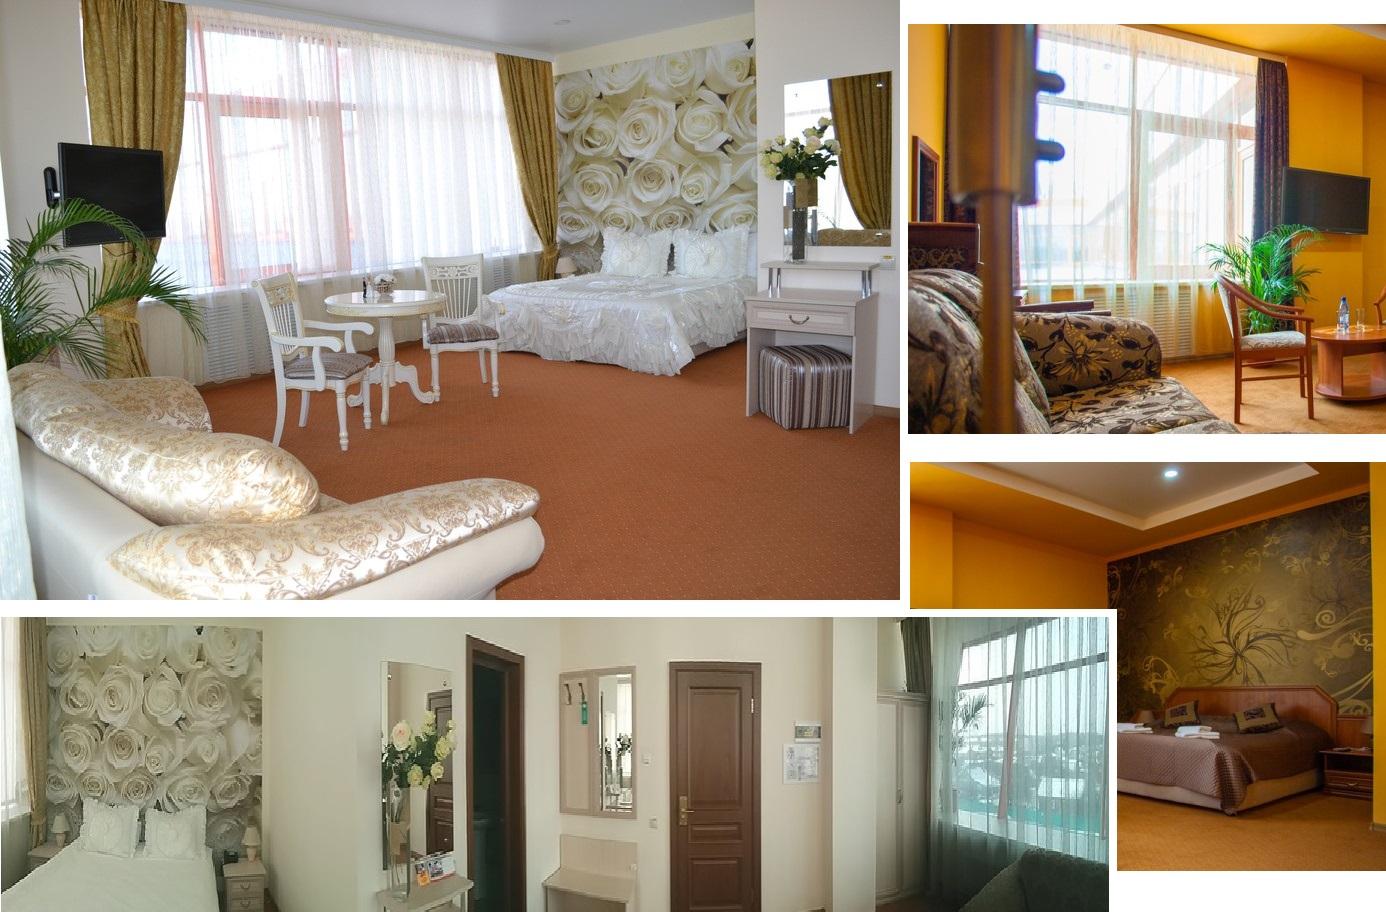 Молодожены могут арендовать фешенебельные свадебные апартаменты в гостинице